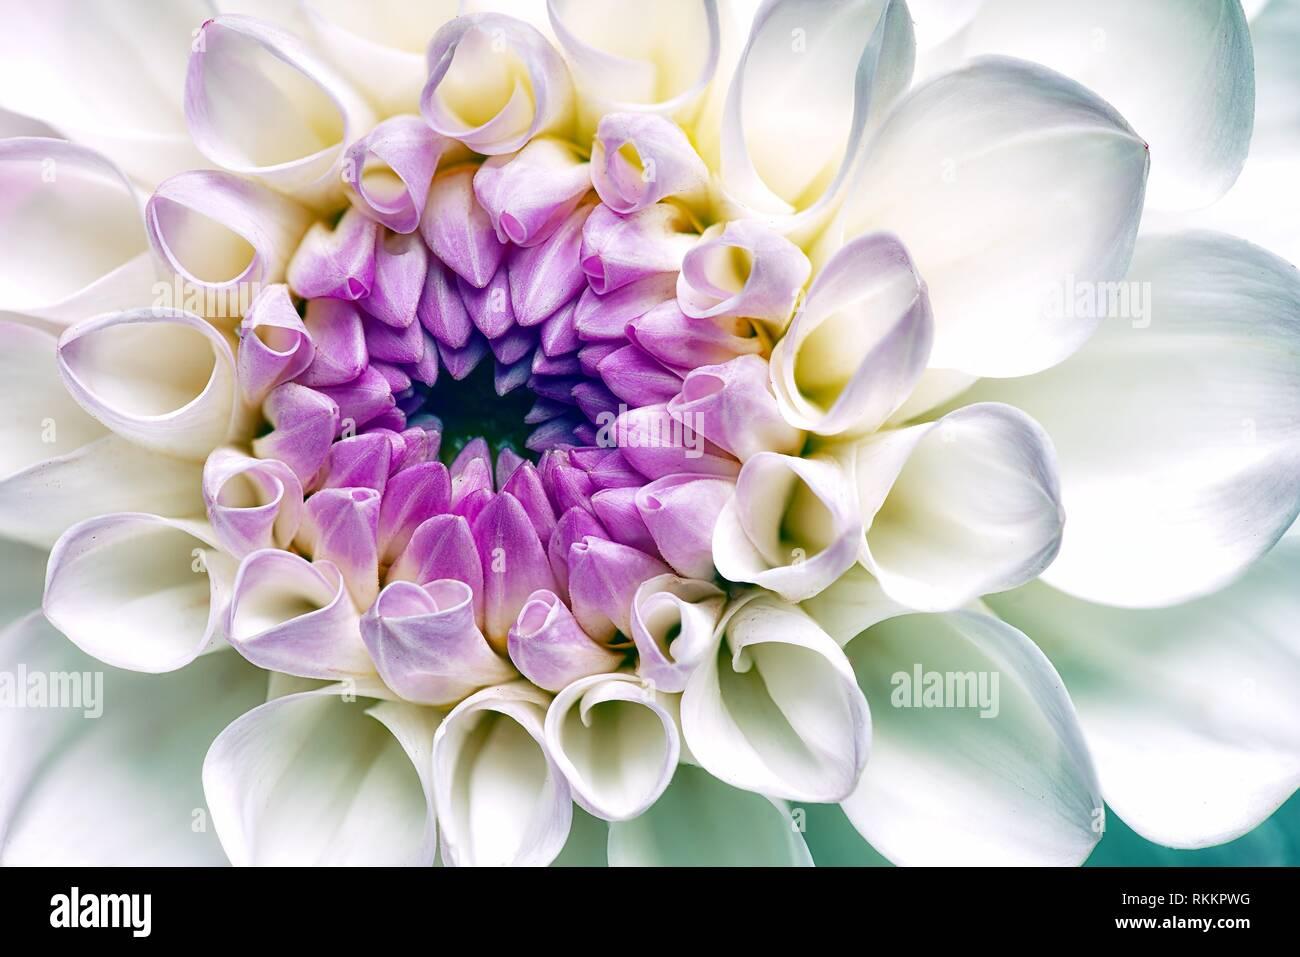 Bianco Fiore Dahlia. Abstract sfondi floreali. Immagini Stock